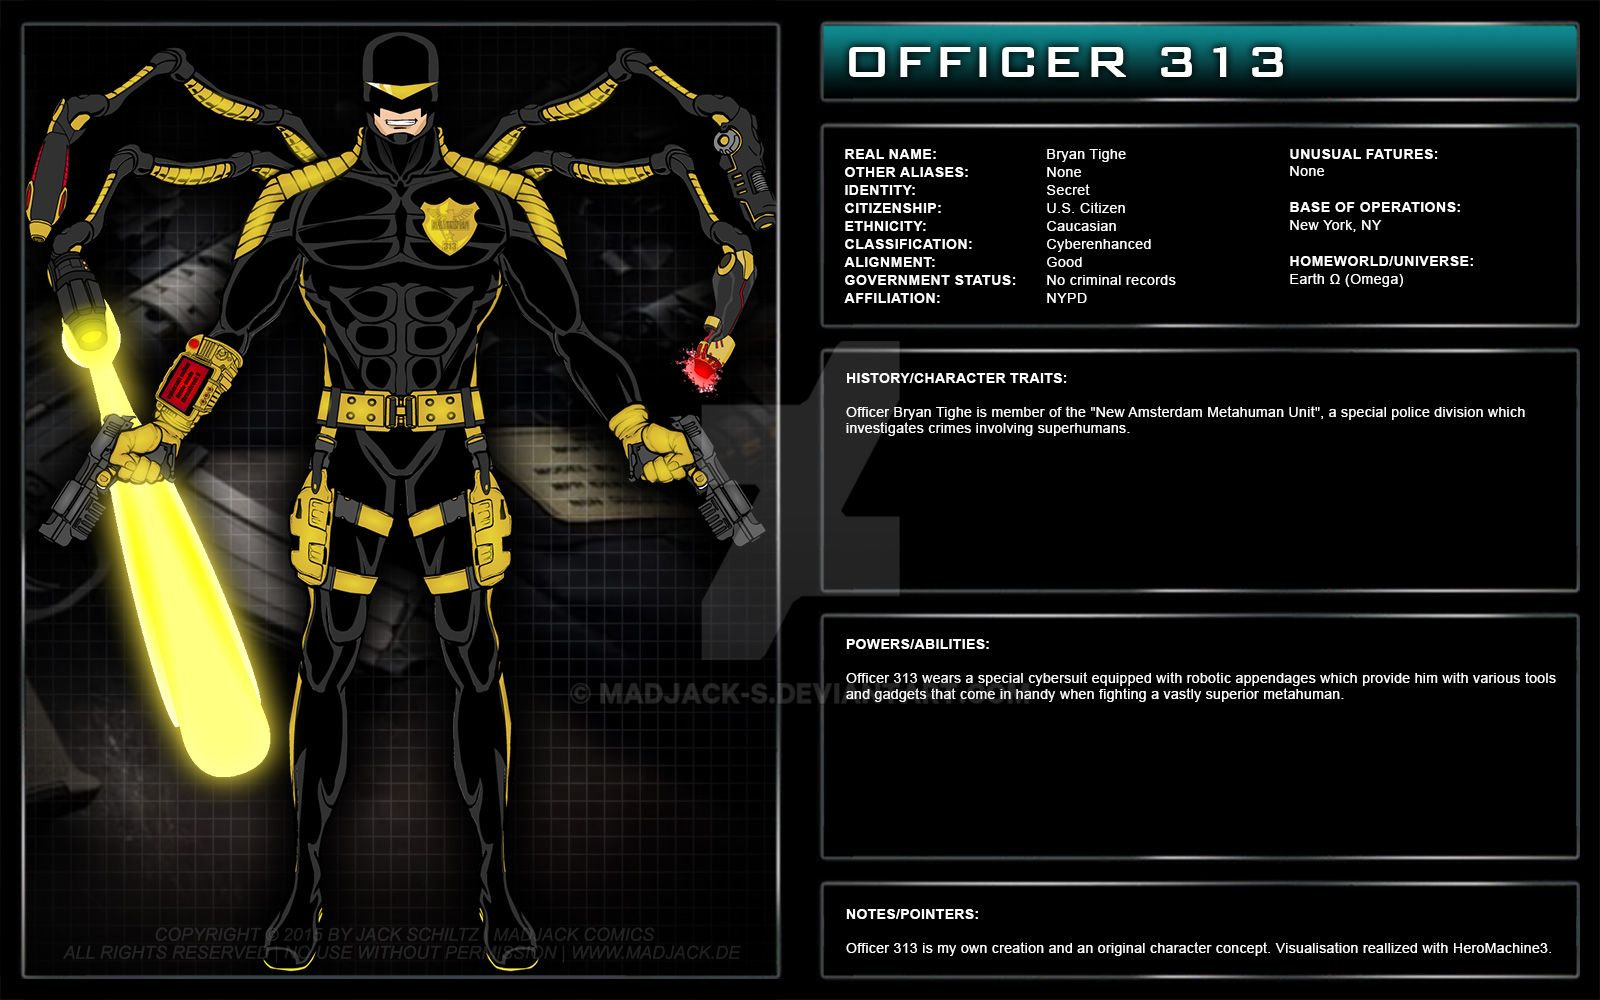 Officer 313